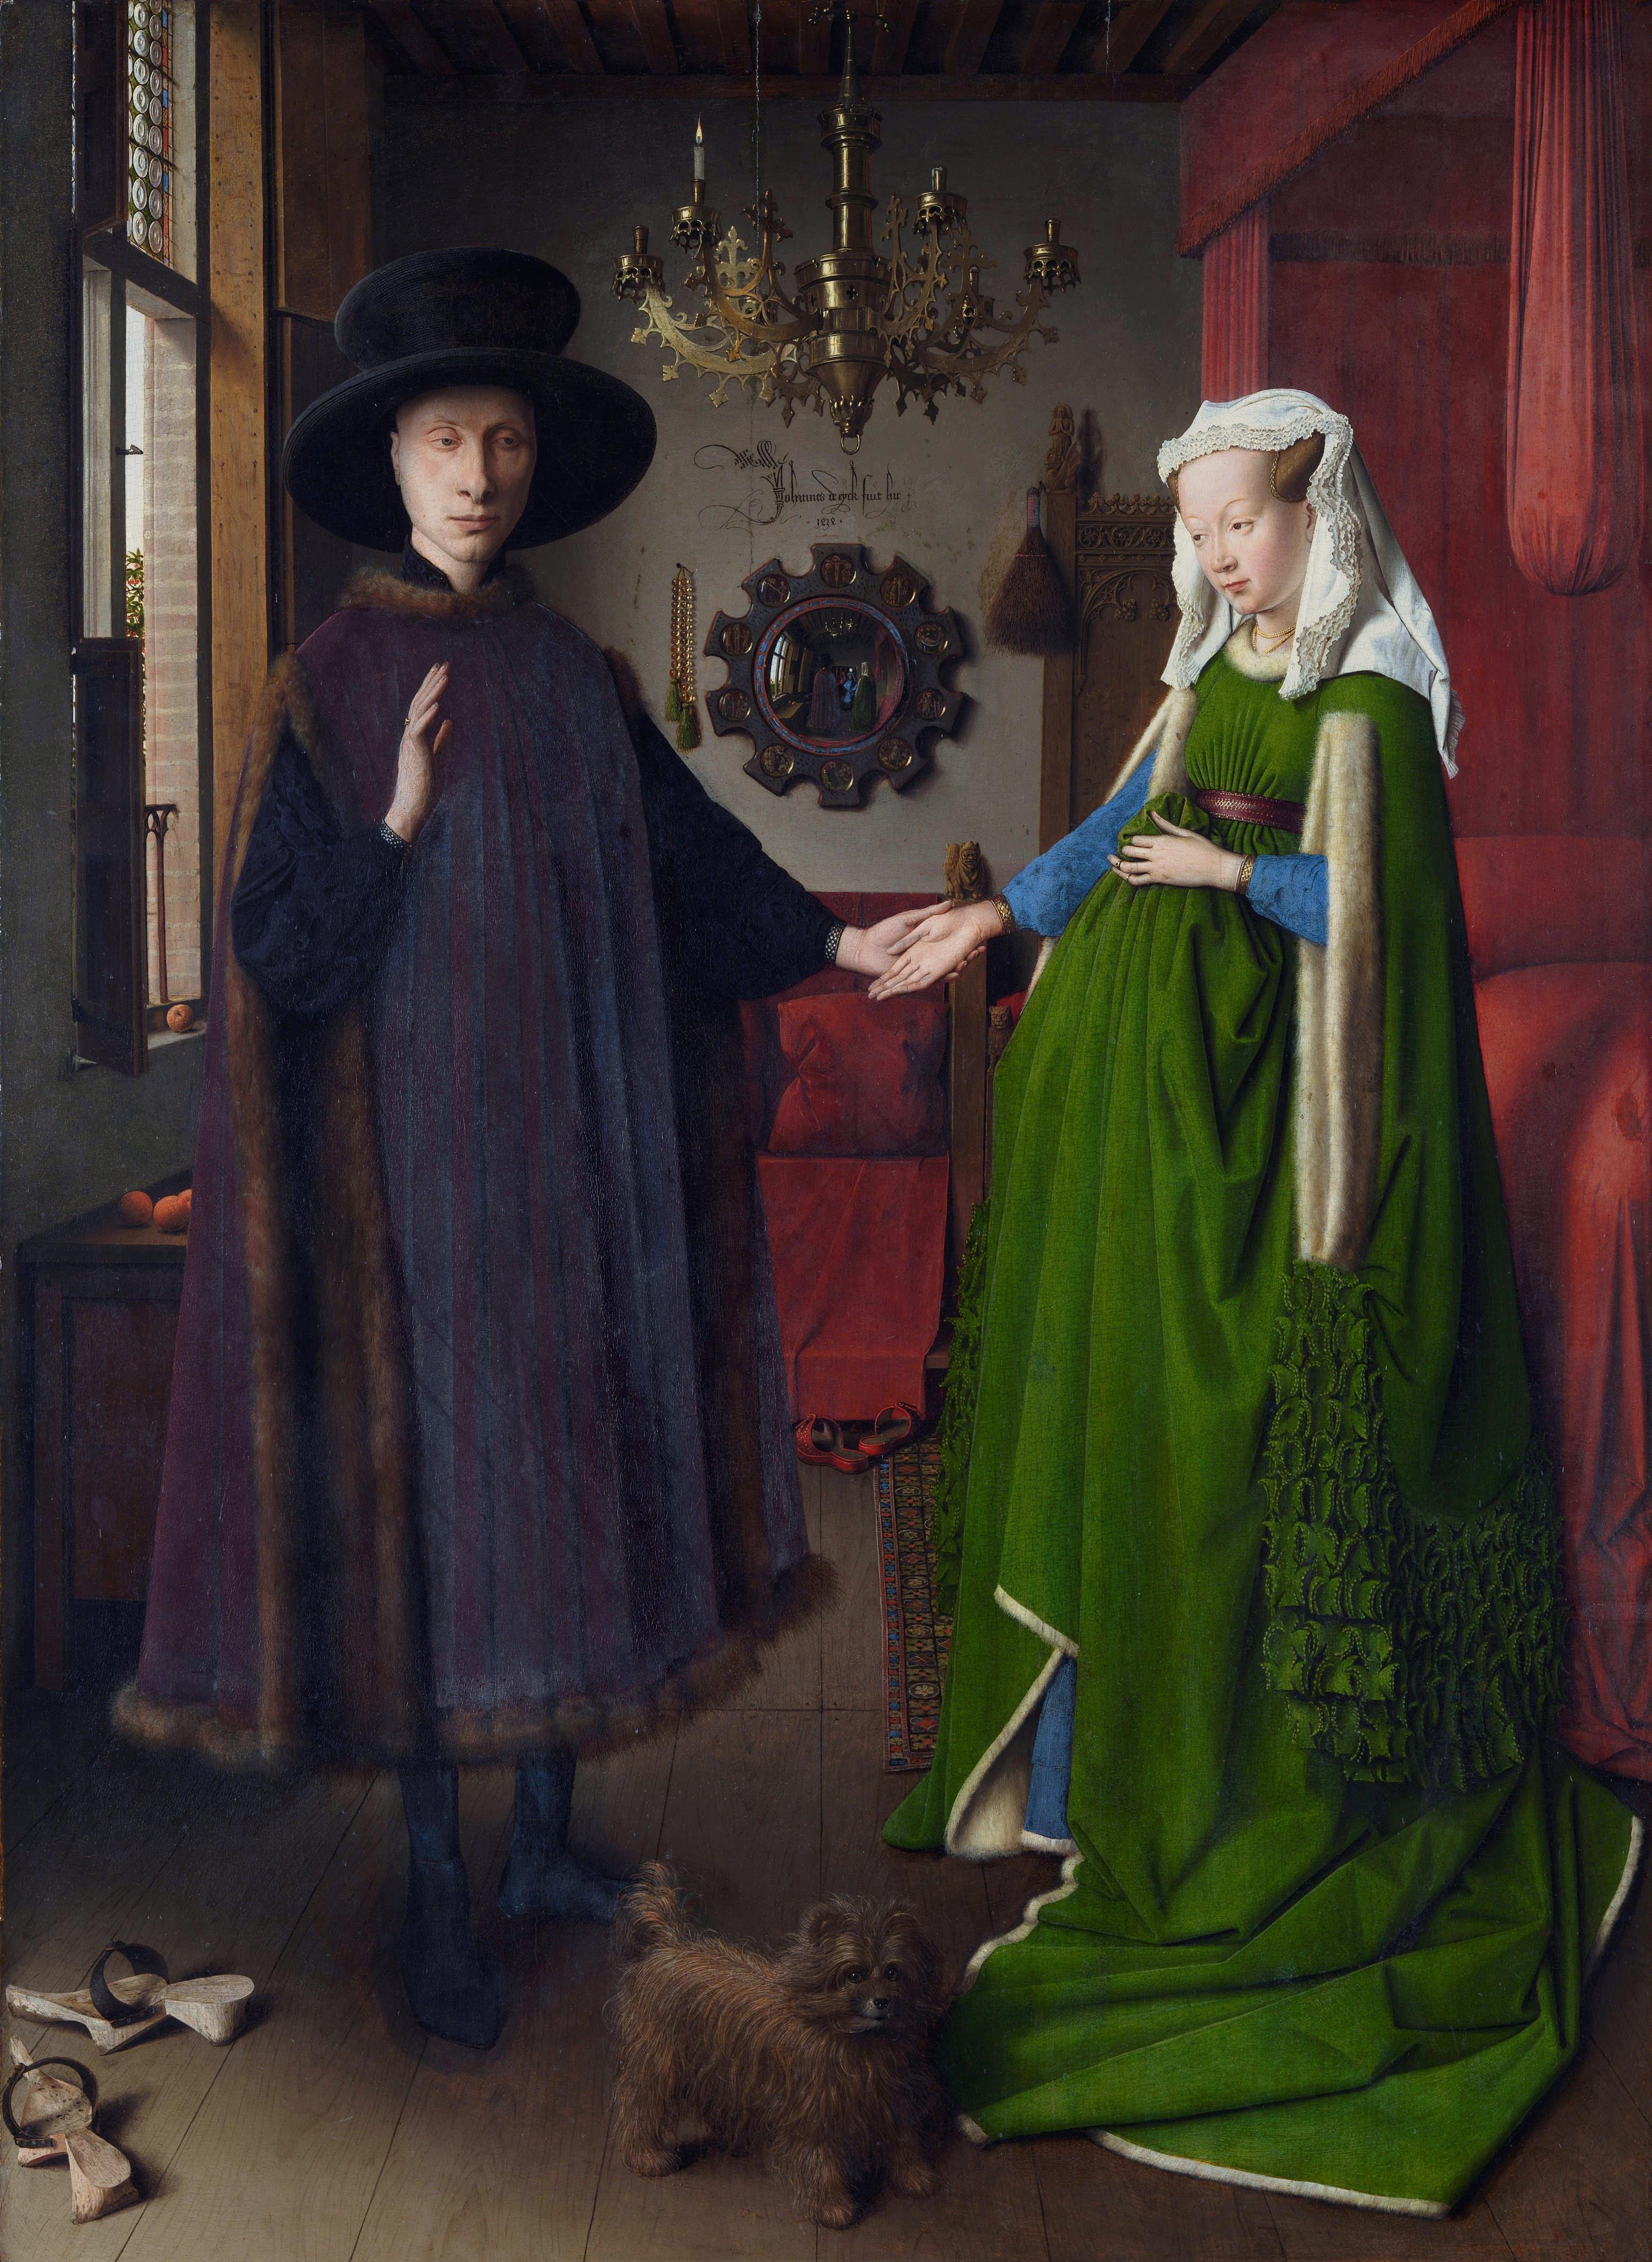 Van Eyck - Arnolfini